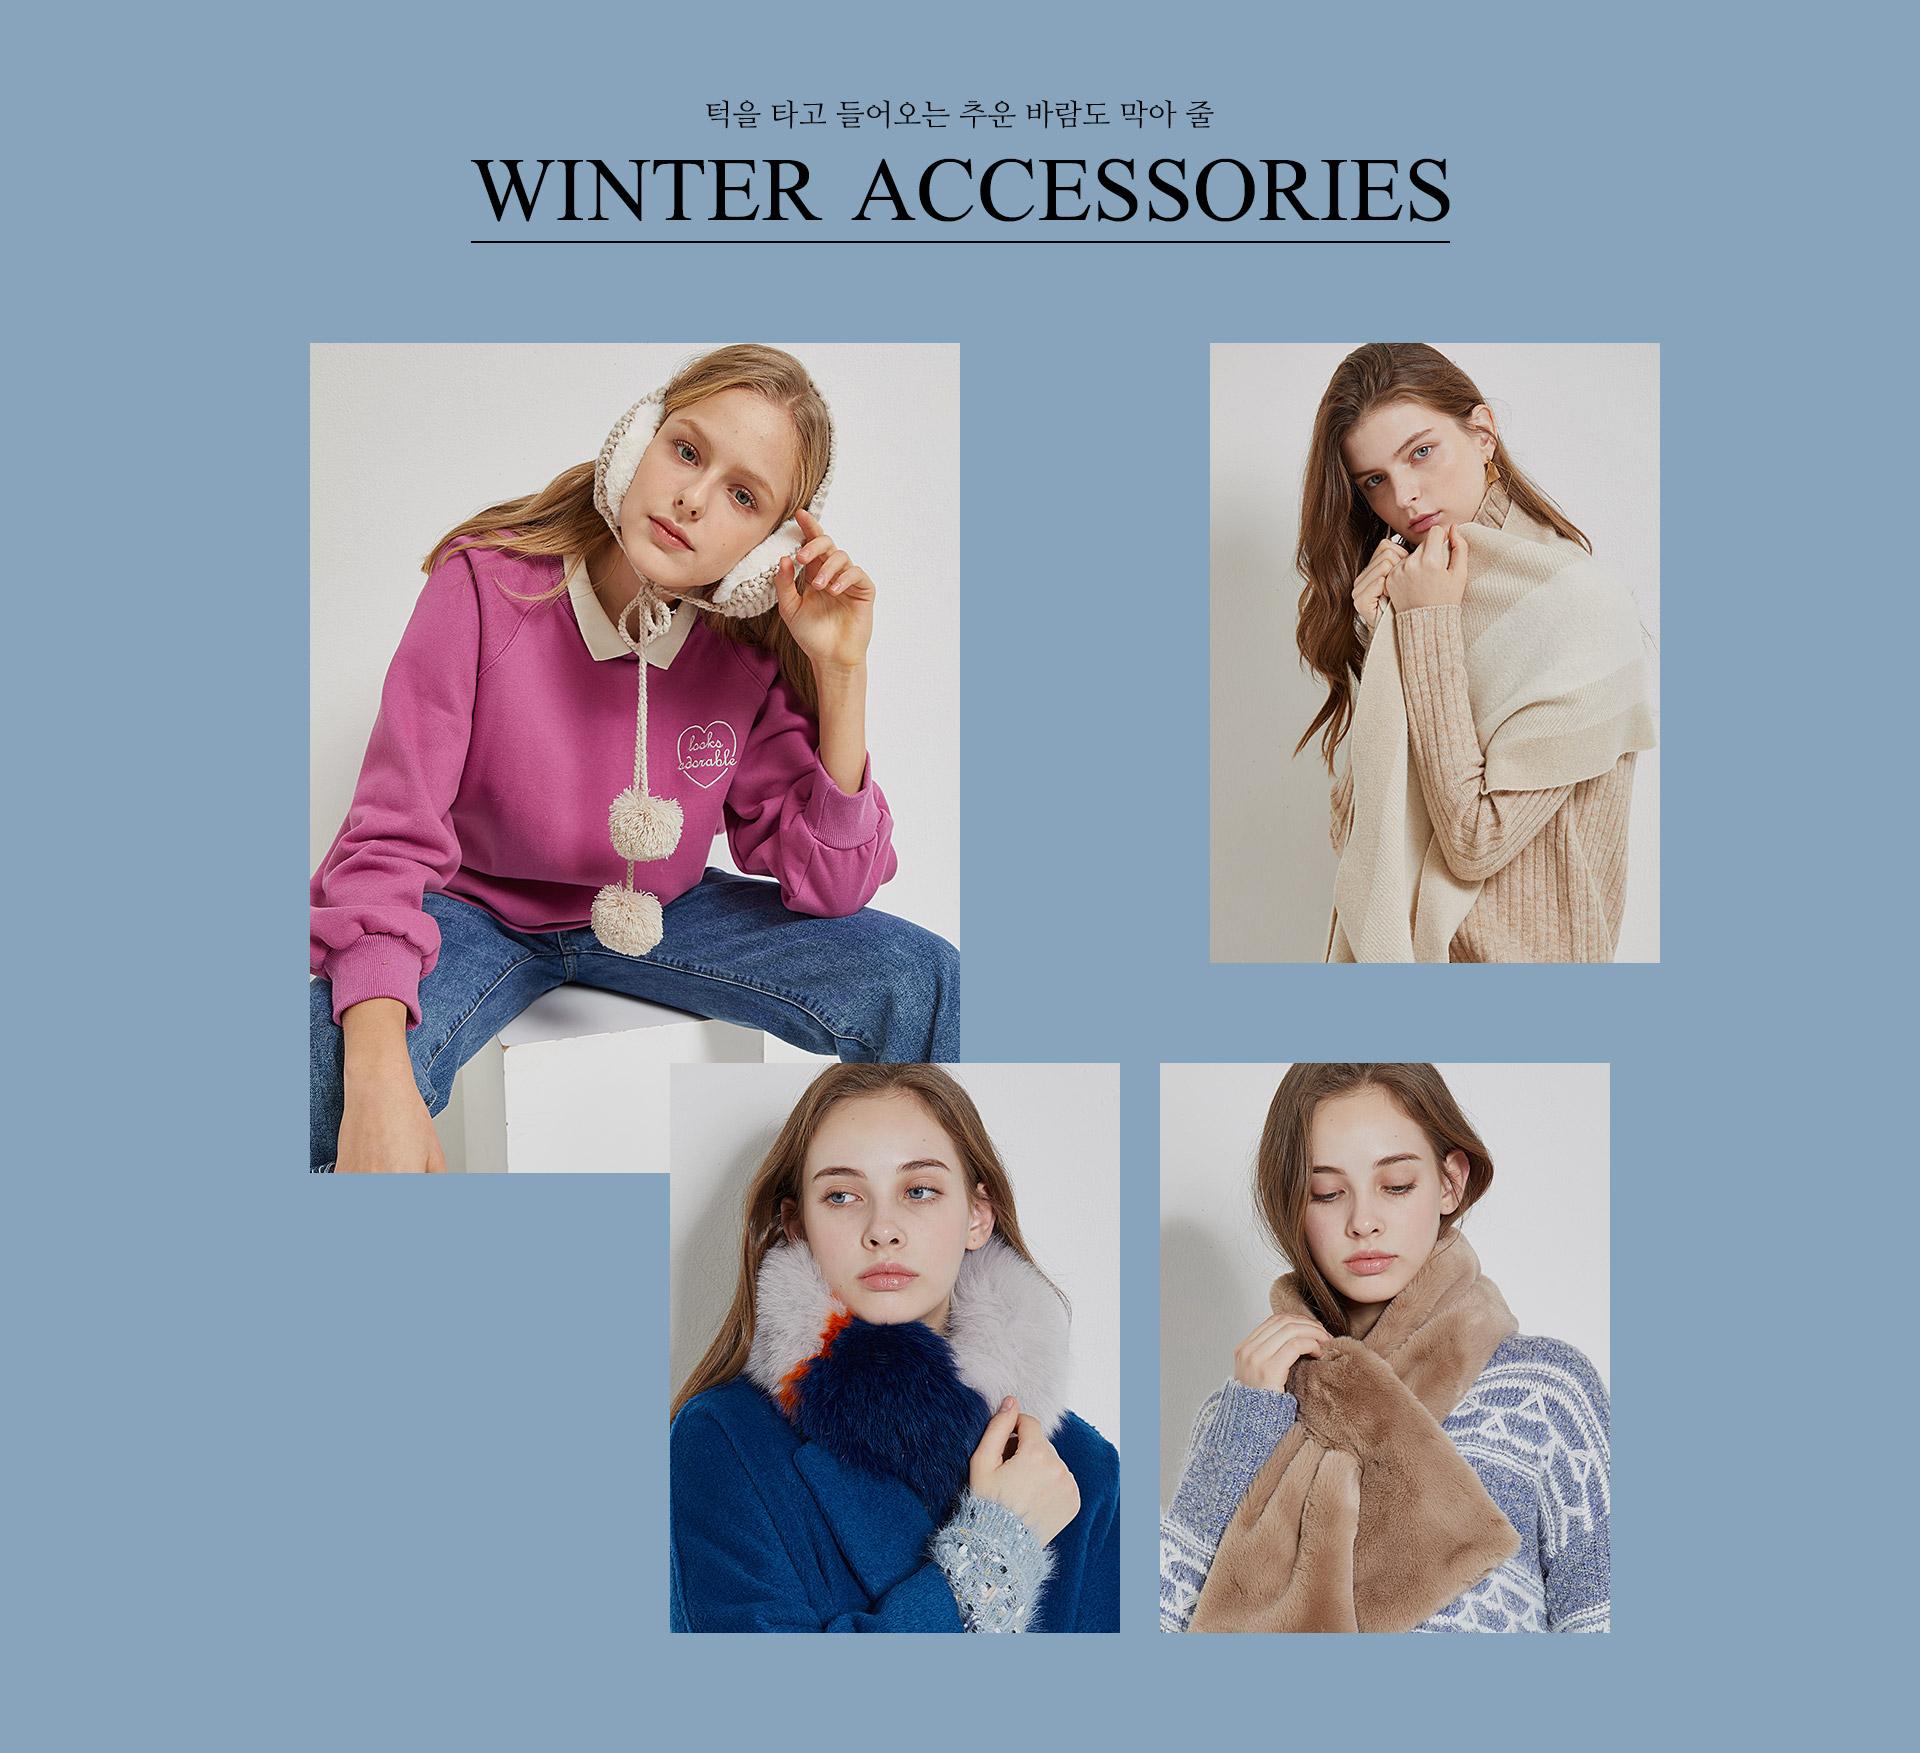 한겨울 패딩,이너웨어,겨울액티비티,스포티한 스웨트, 셔츠나 후드 티셔츠,겨울 액세사리